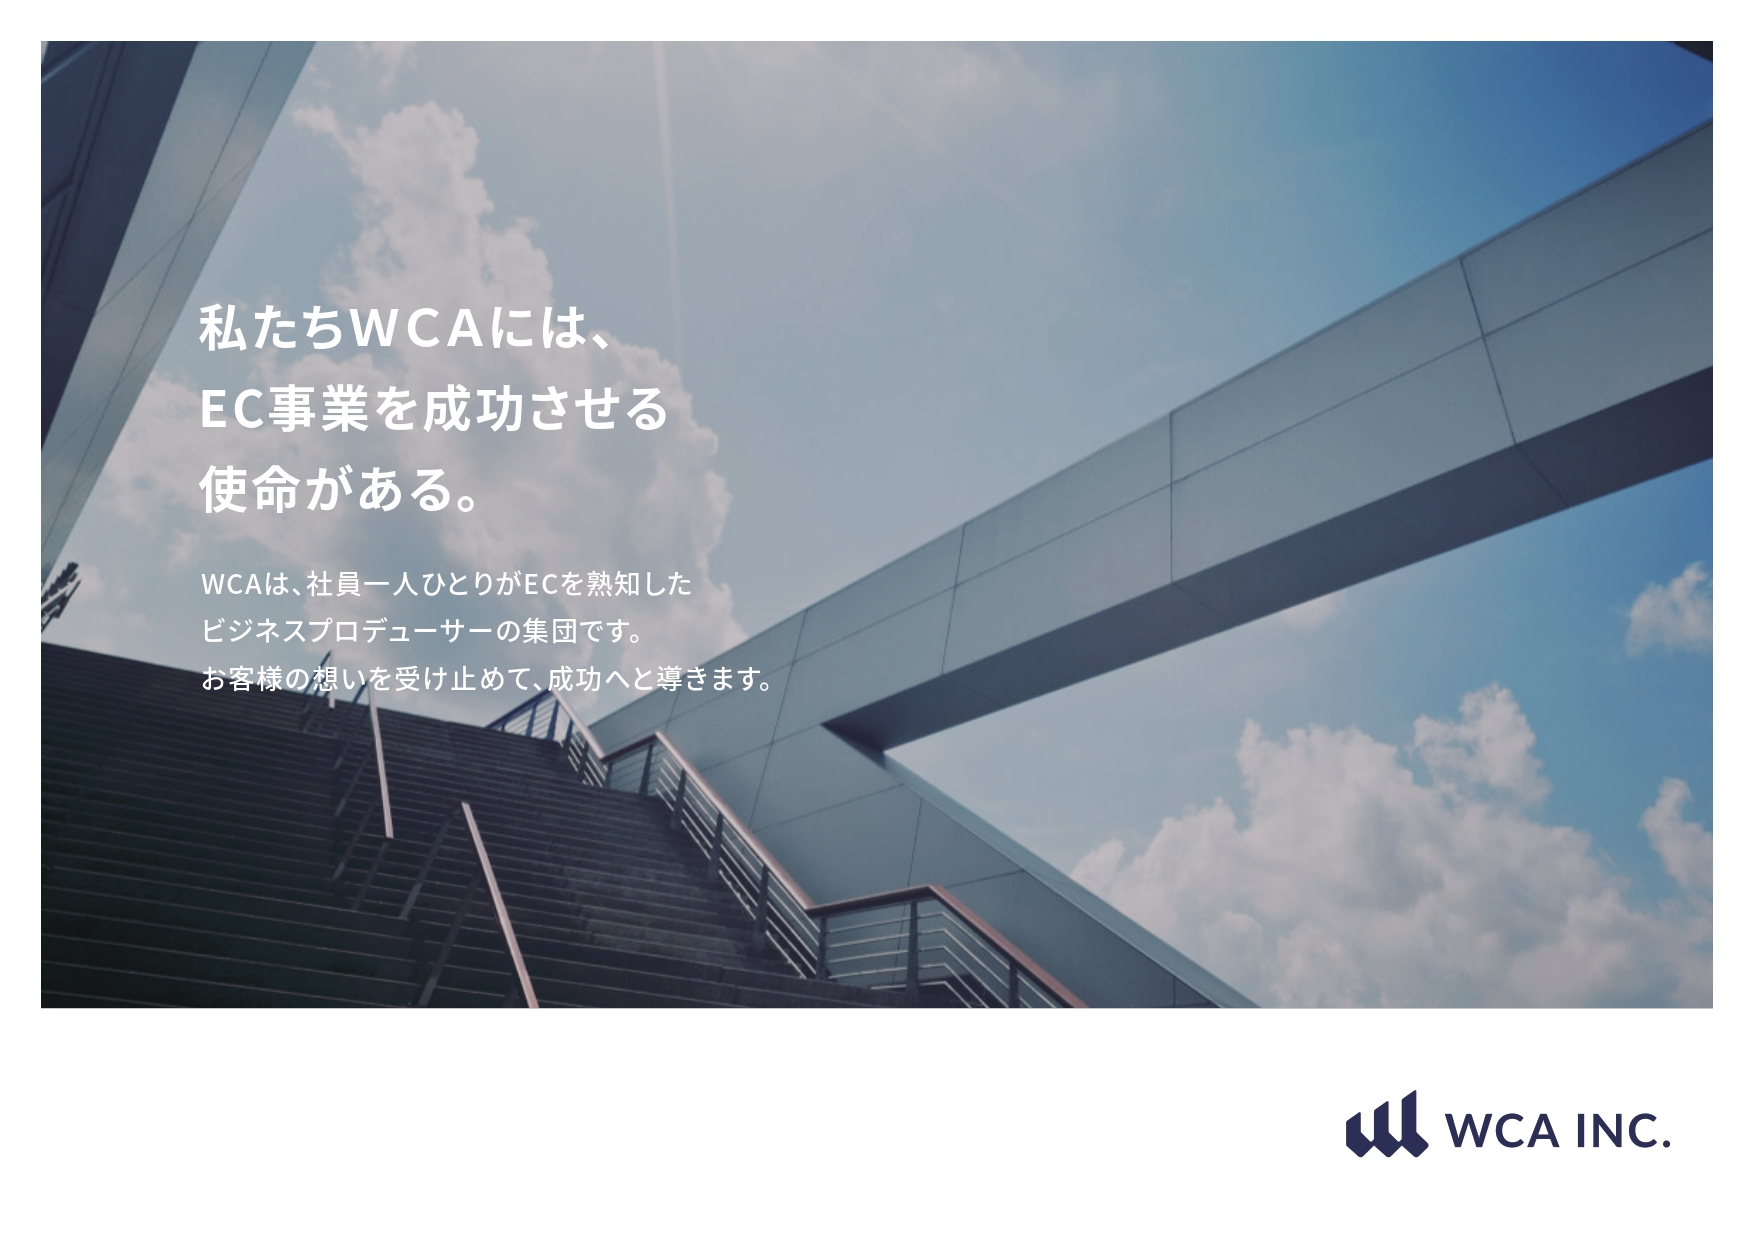 株式会社WCA